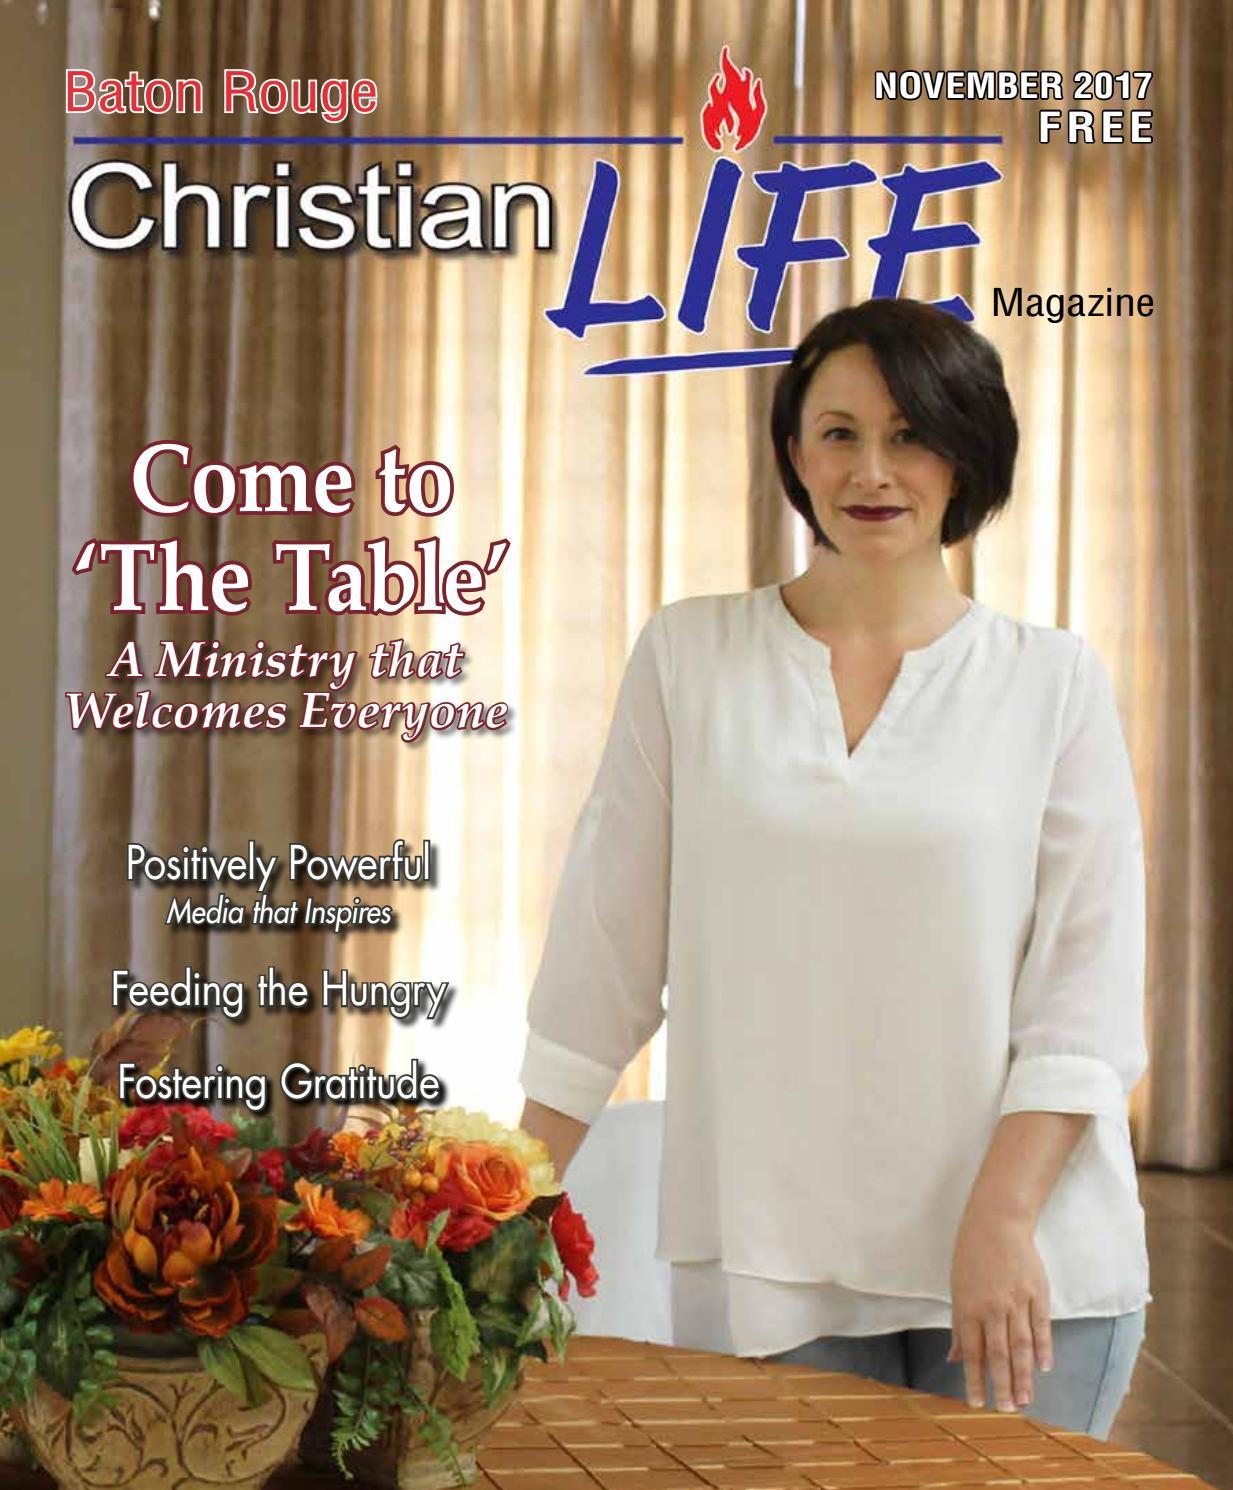 Baton Rouge Christian Life Magazine